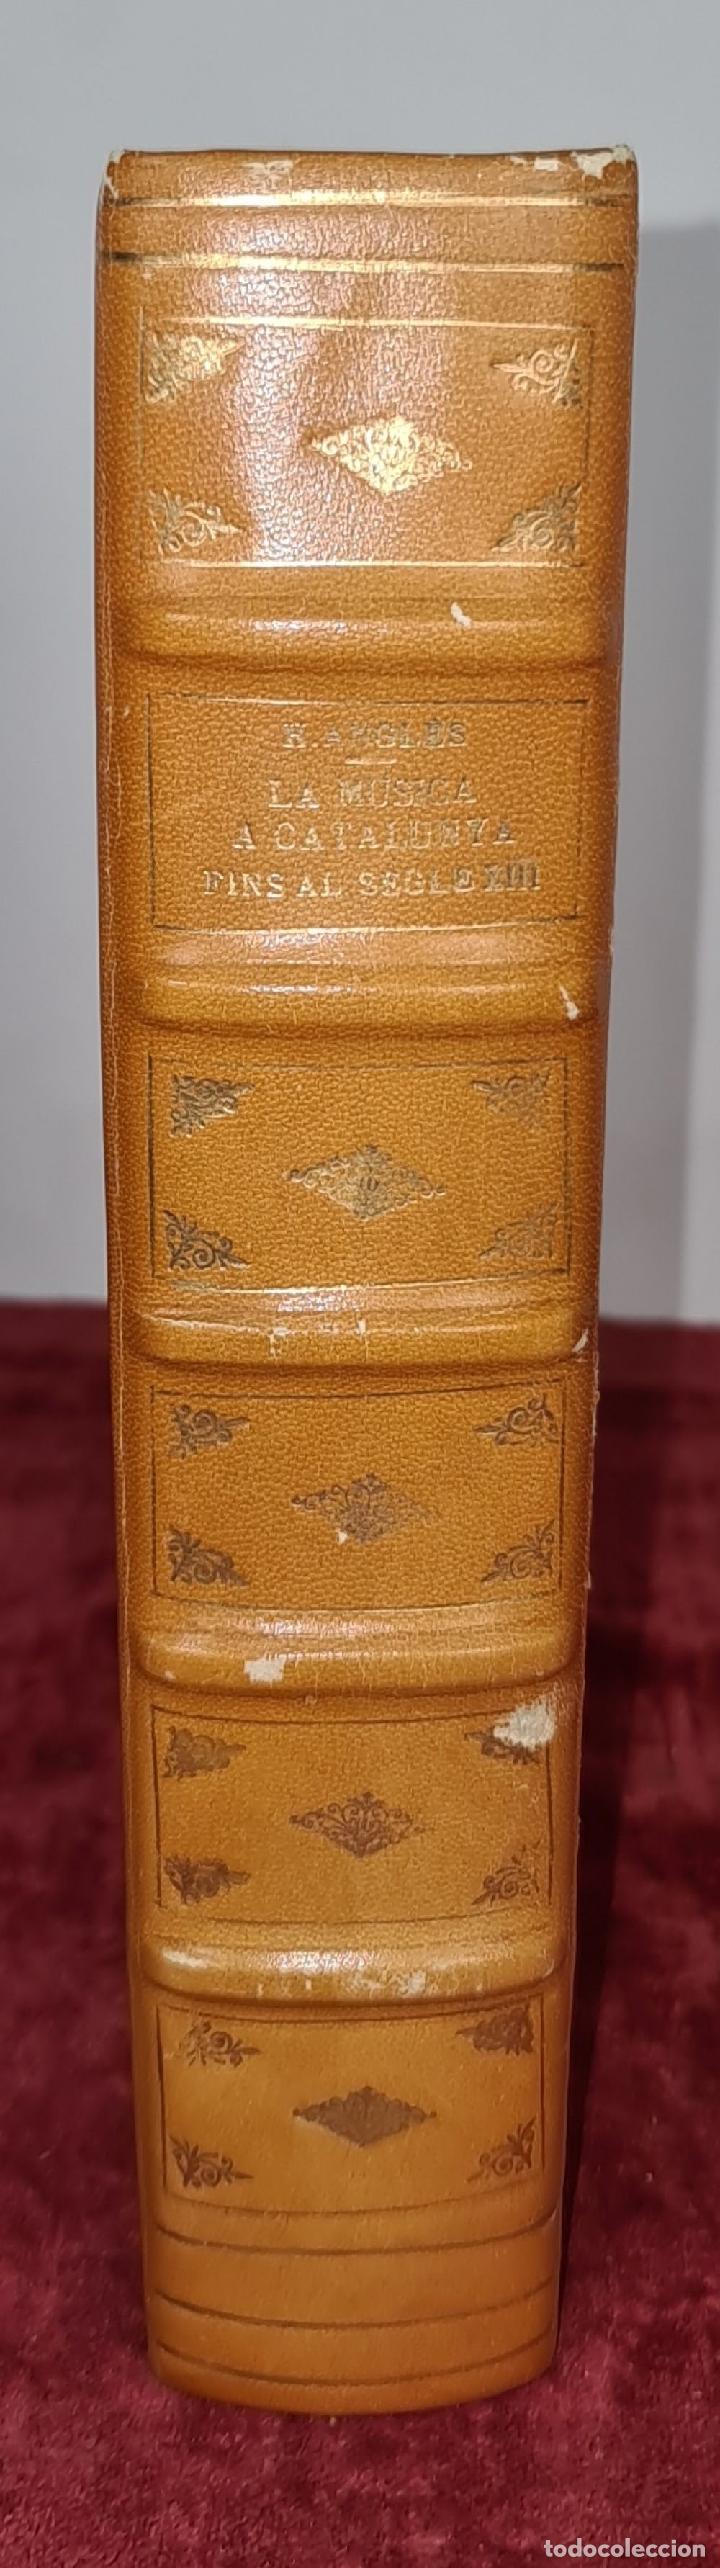 Libros antiguos: LA MUSICA A CATALUNYA FINS AL SEGLE XIII. HIGINI ANGLES. ESTUDIS CATALANS. 1935. - Foto 2 - 213073057